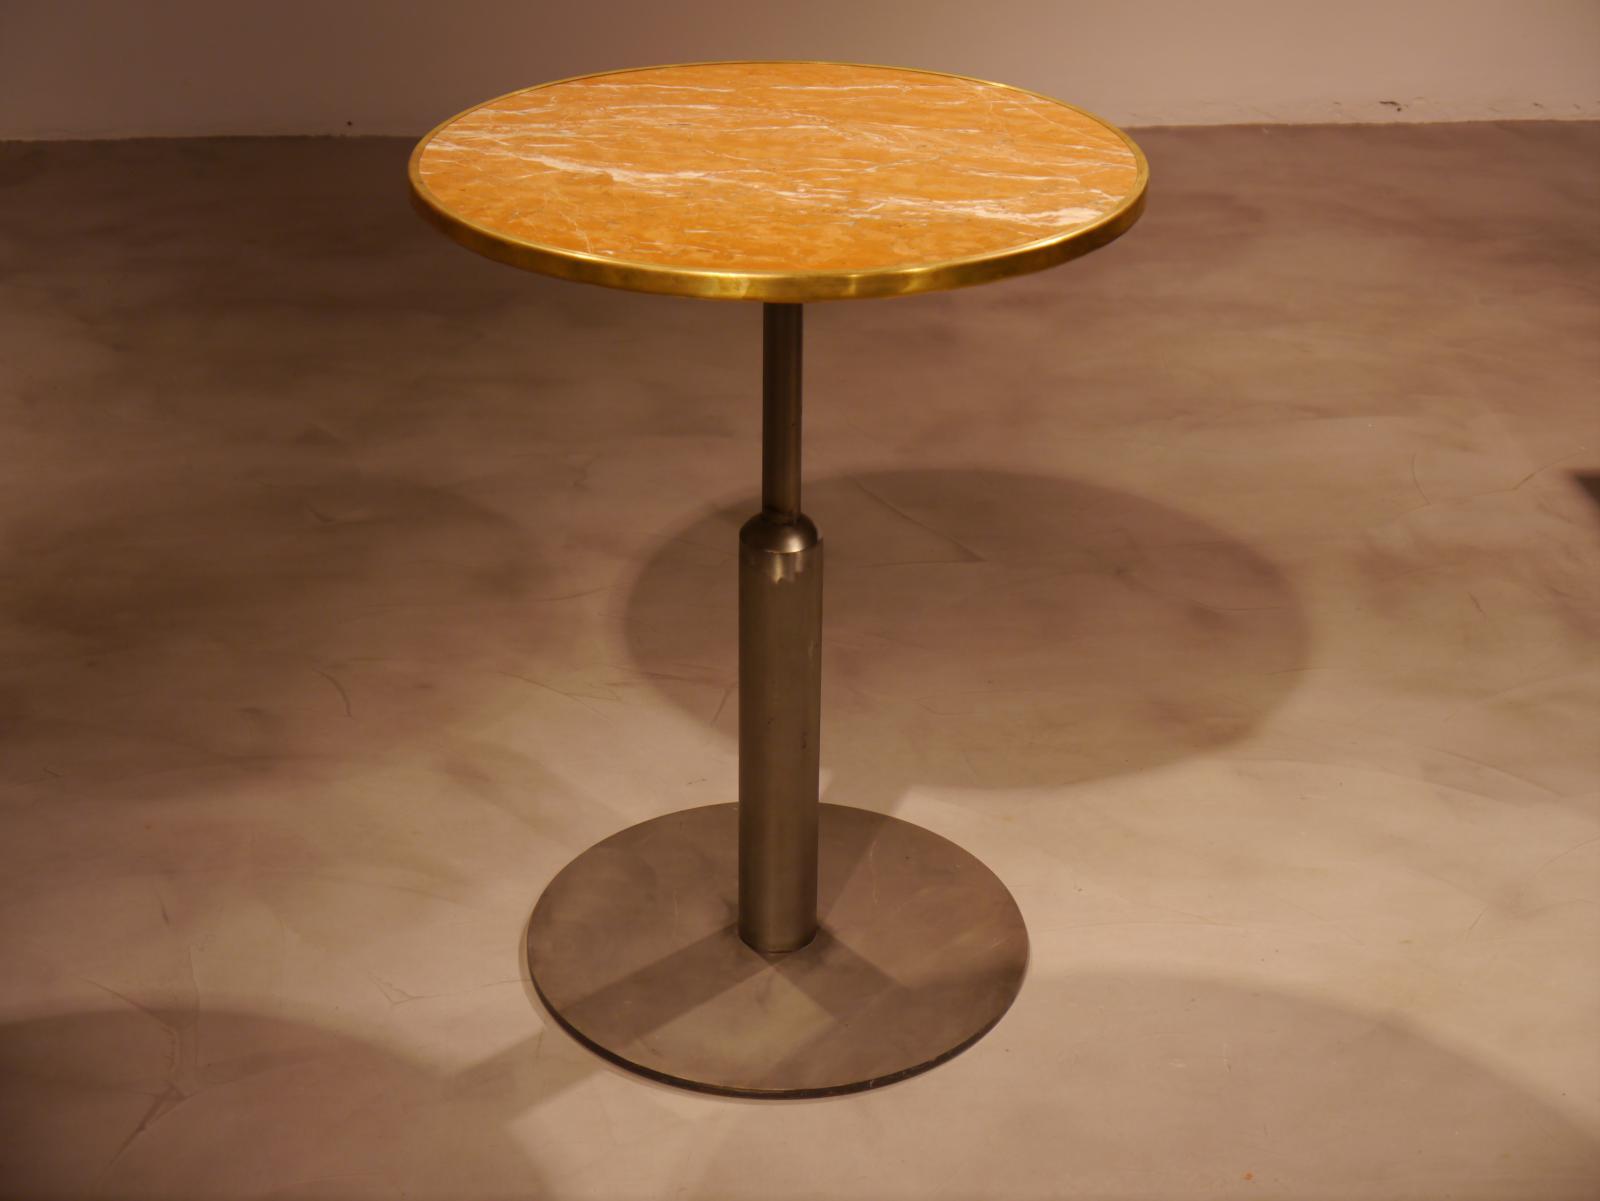 Mesa malcontenta Básic con estructura decapada y sobre de marmol alicante con aro de latón de 56cm